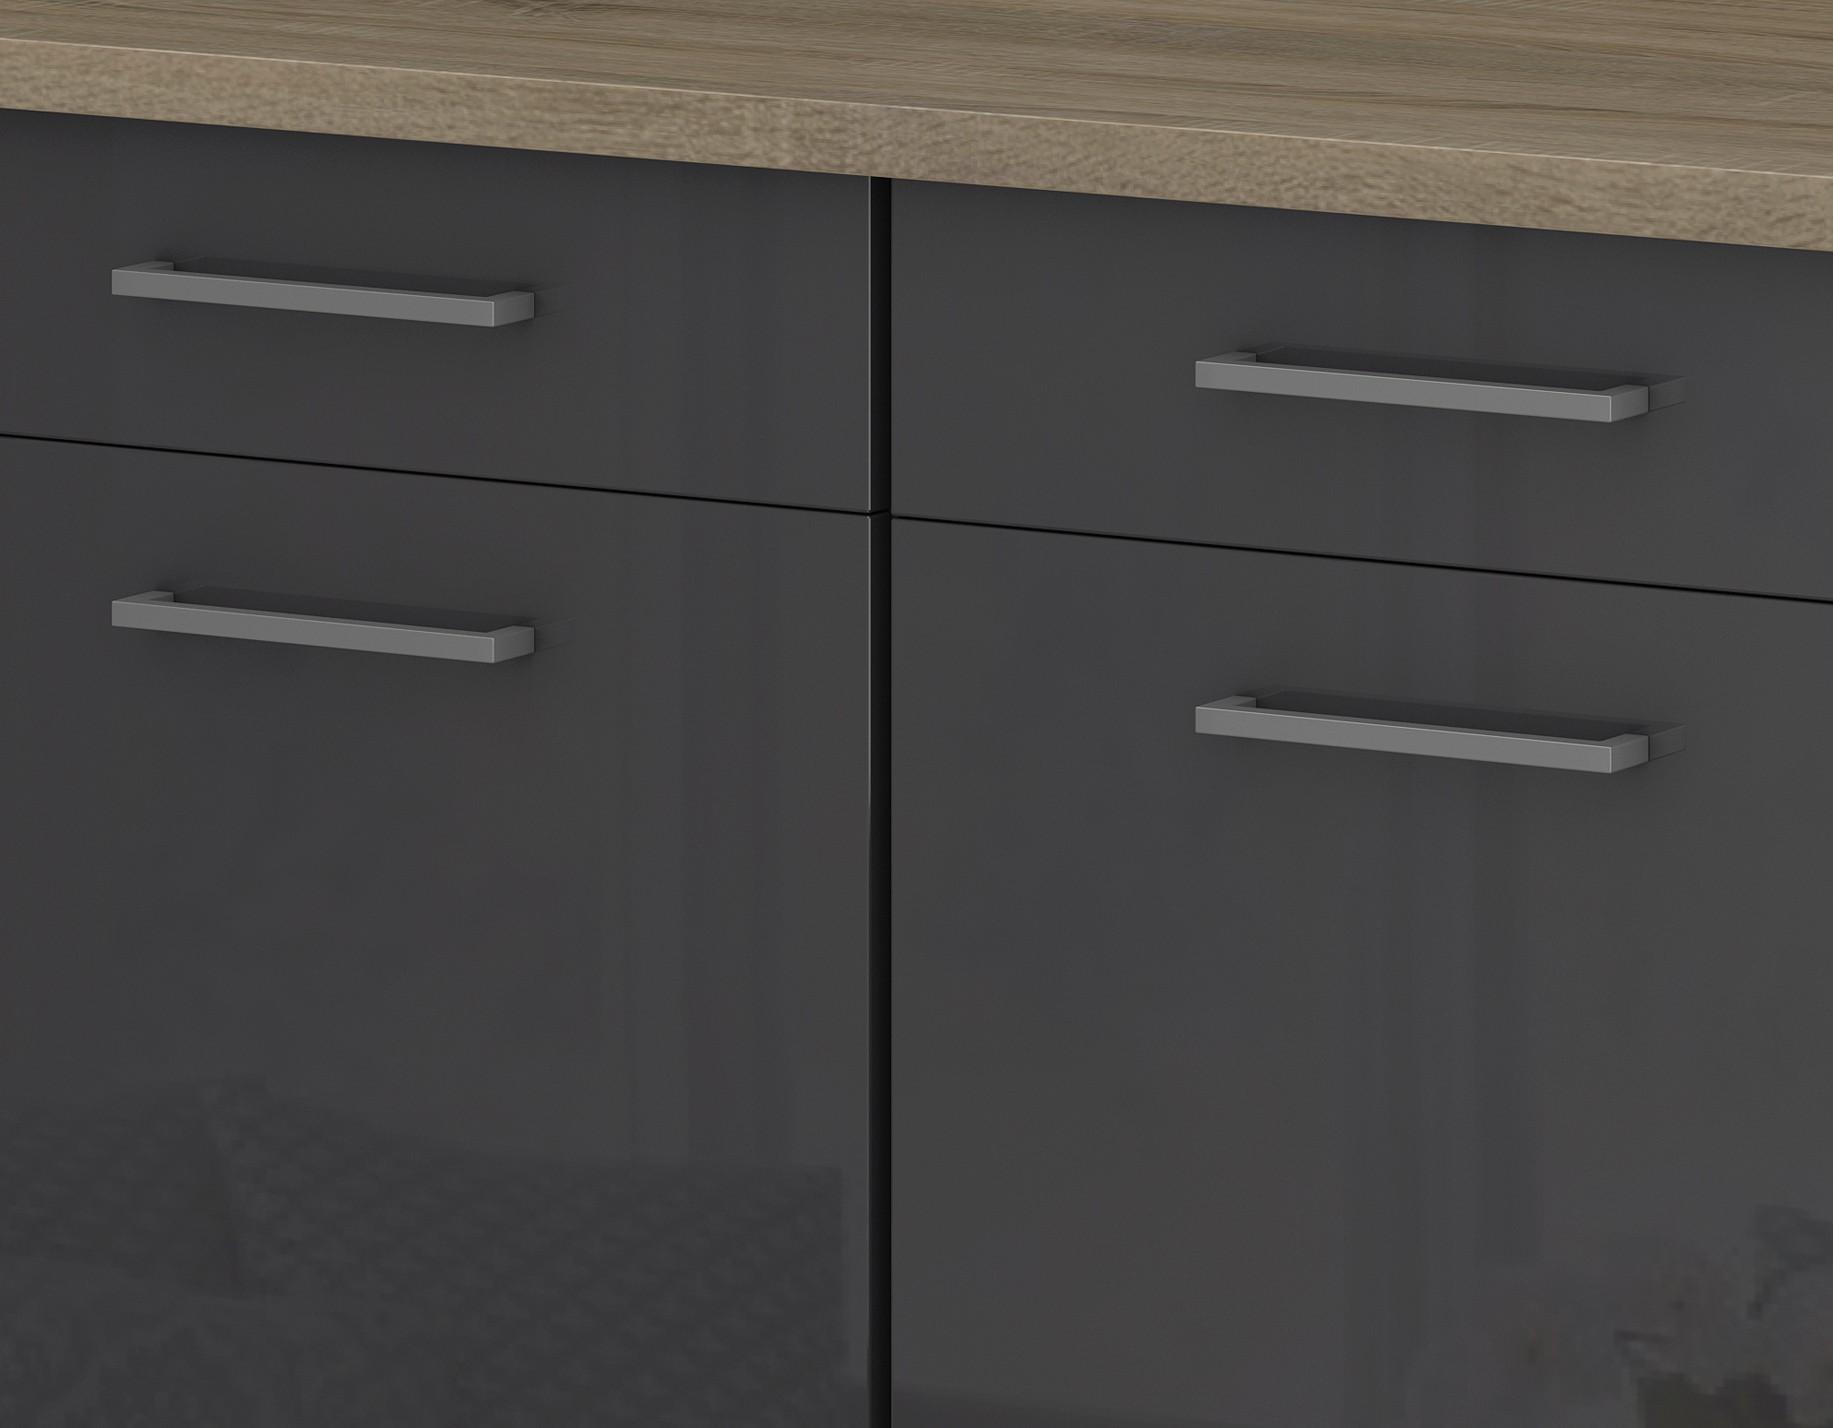 k chen unterschrank m nchen 2 t rig 100 cm breit hochglanz grau graphit k che k chen. Black Bedroom Furniture Sets. Home Design Ideas